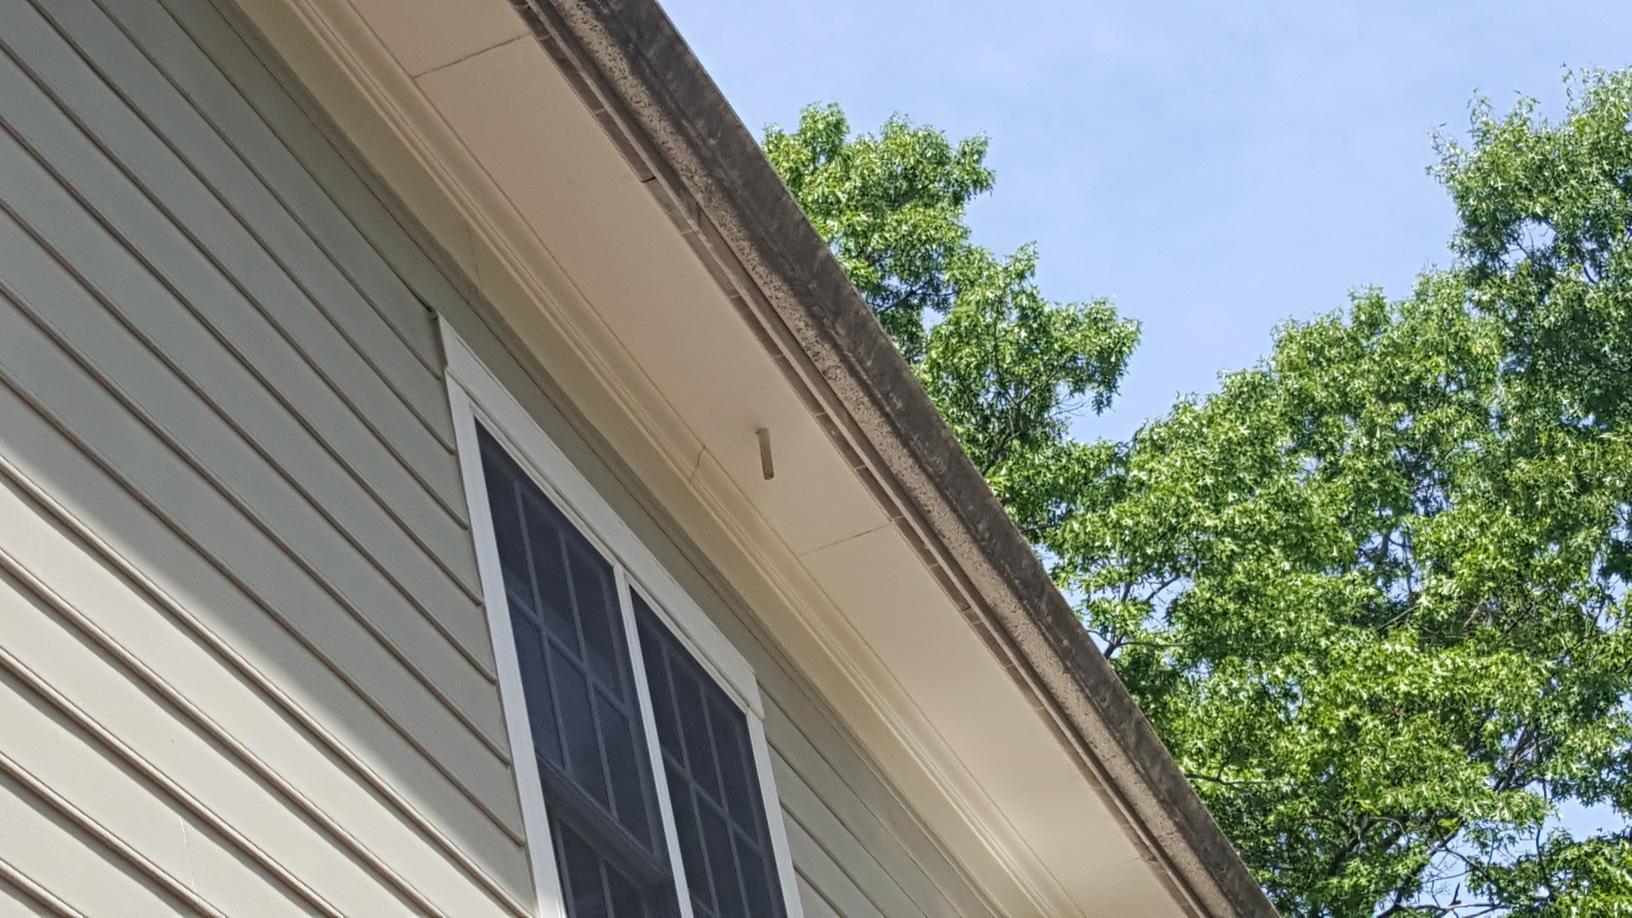 Gutter Repair & Gutter Guard Installation in Clifton, VA - Before Photo